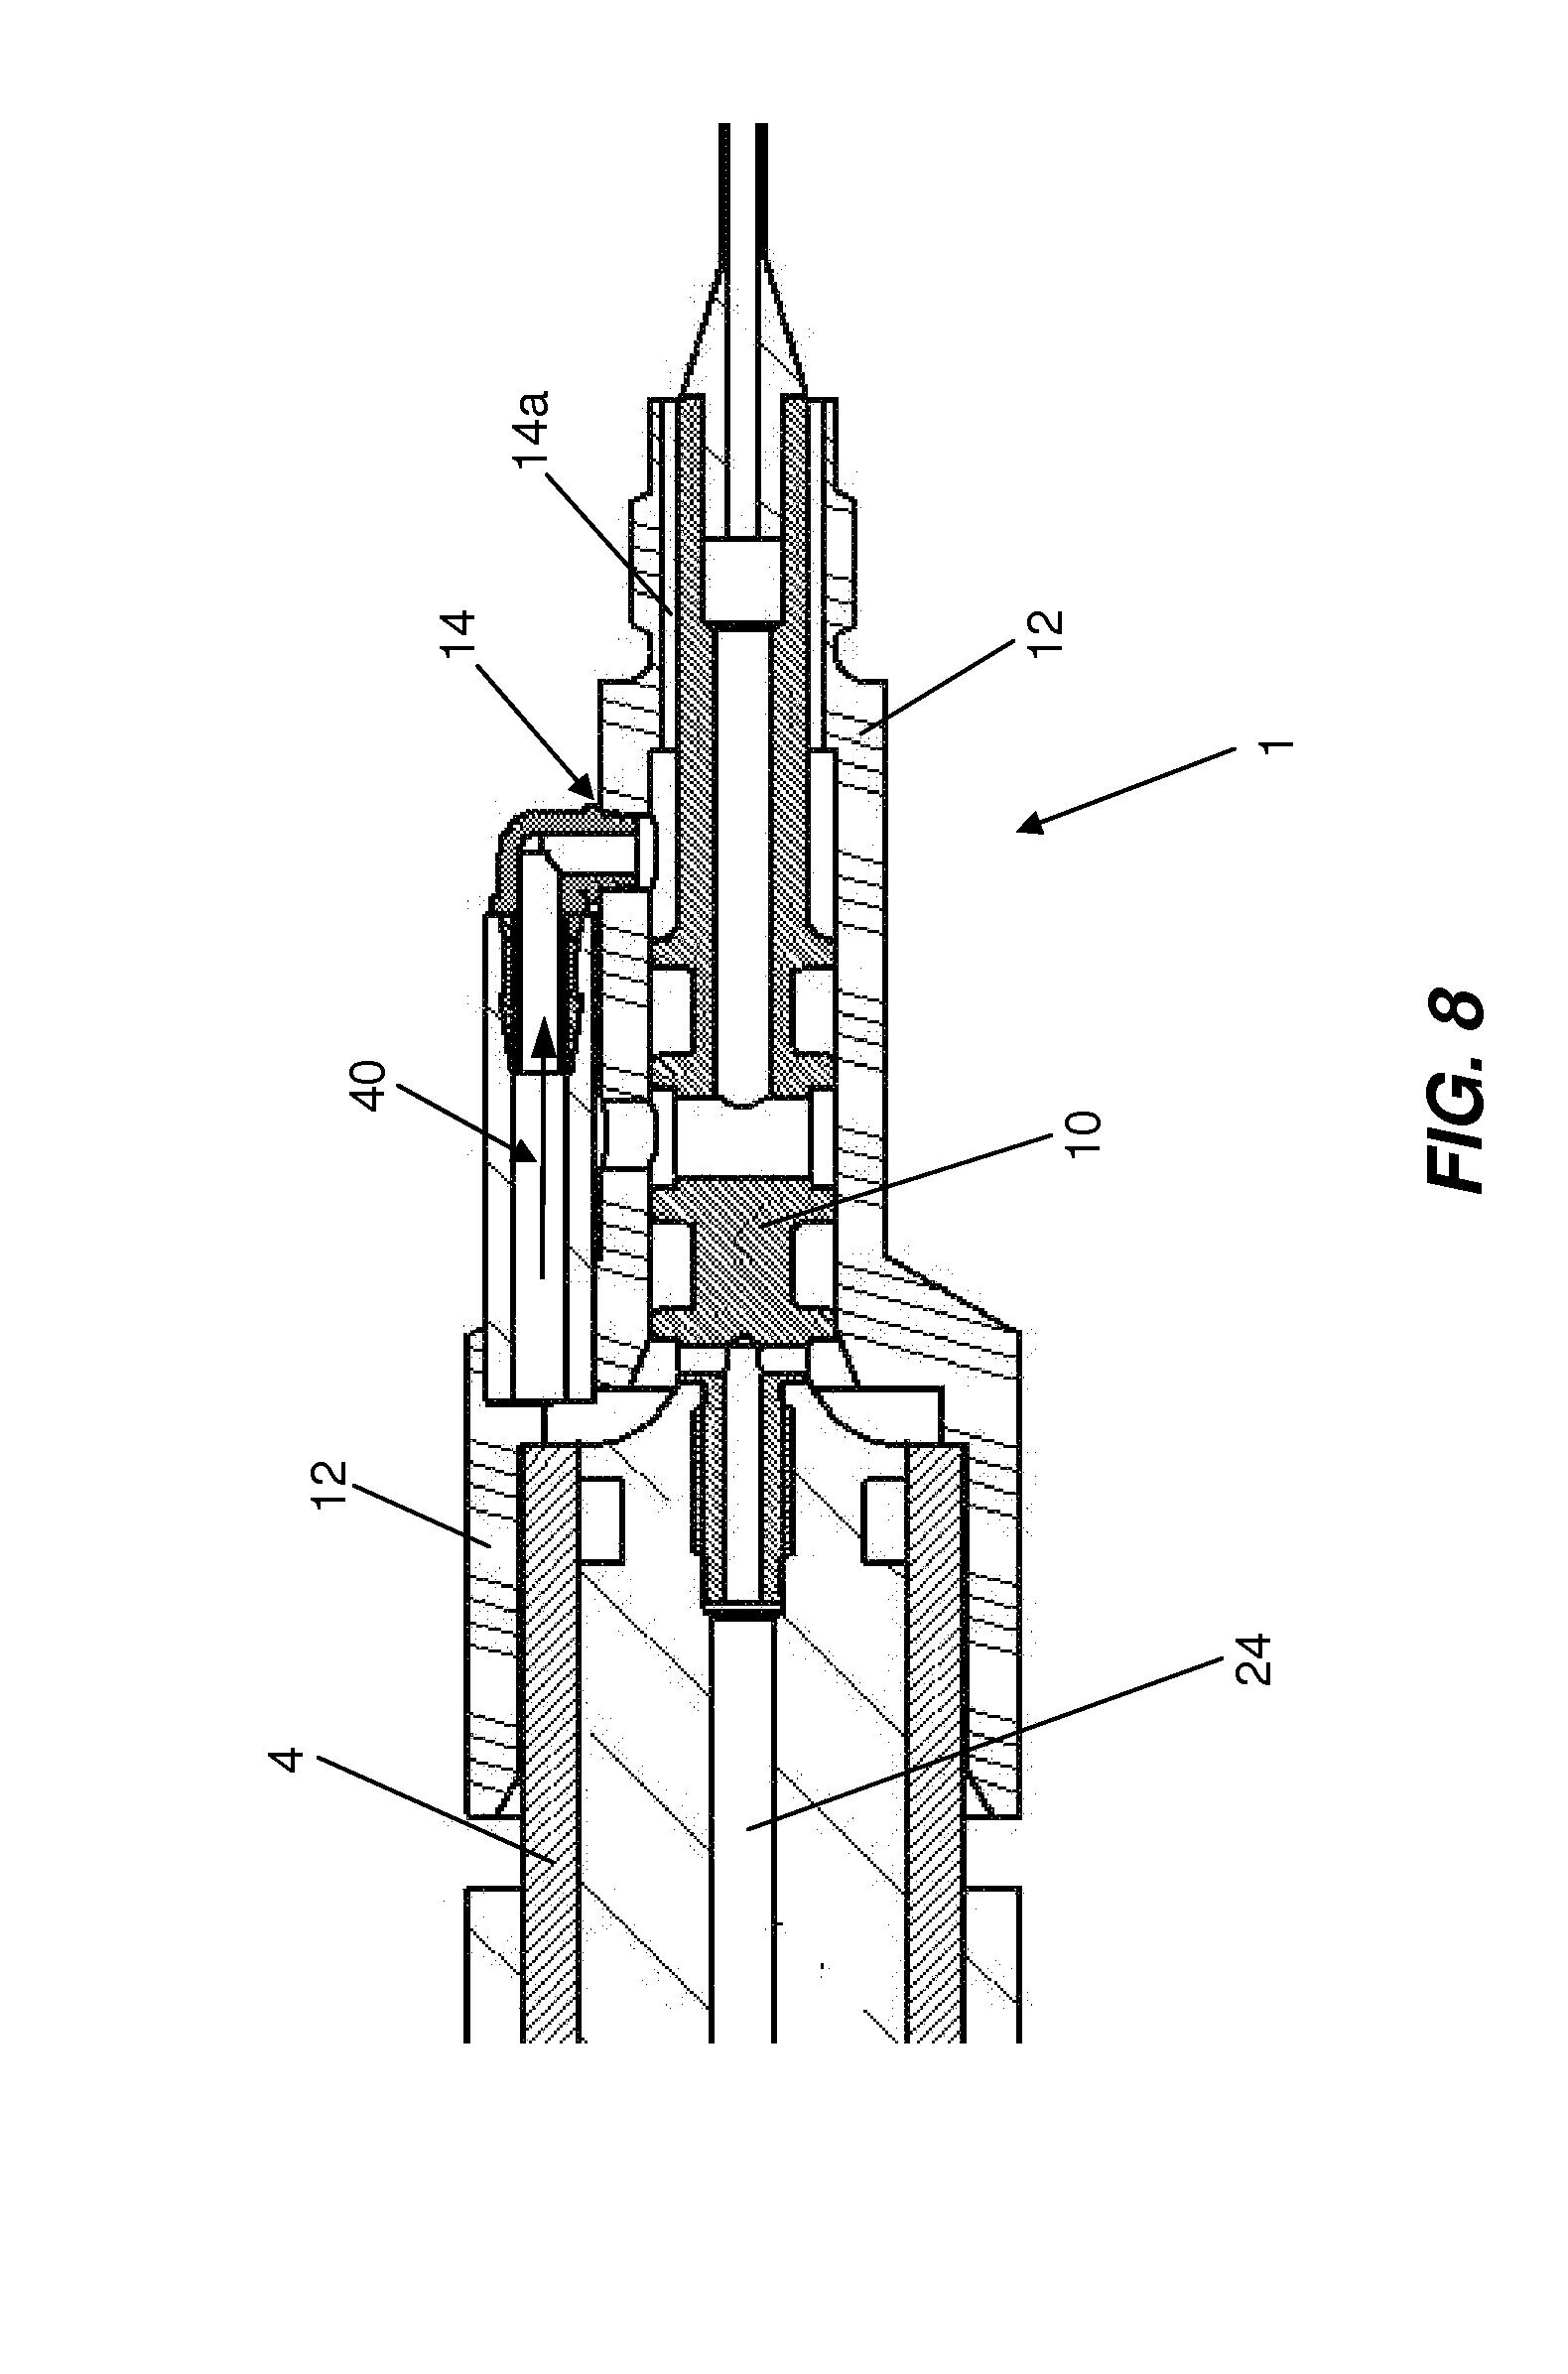 patent us20100056986